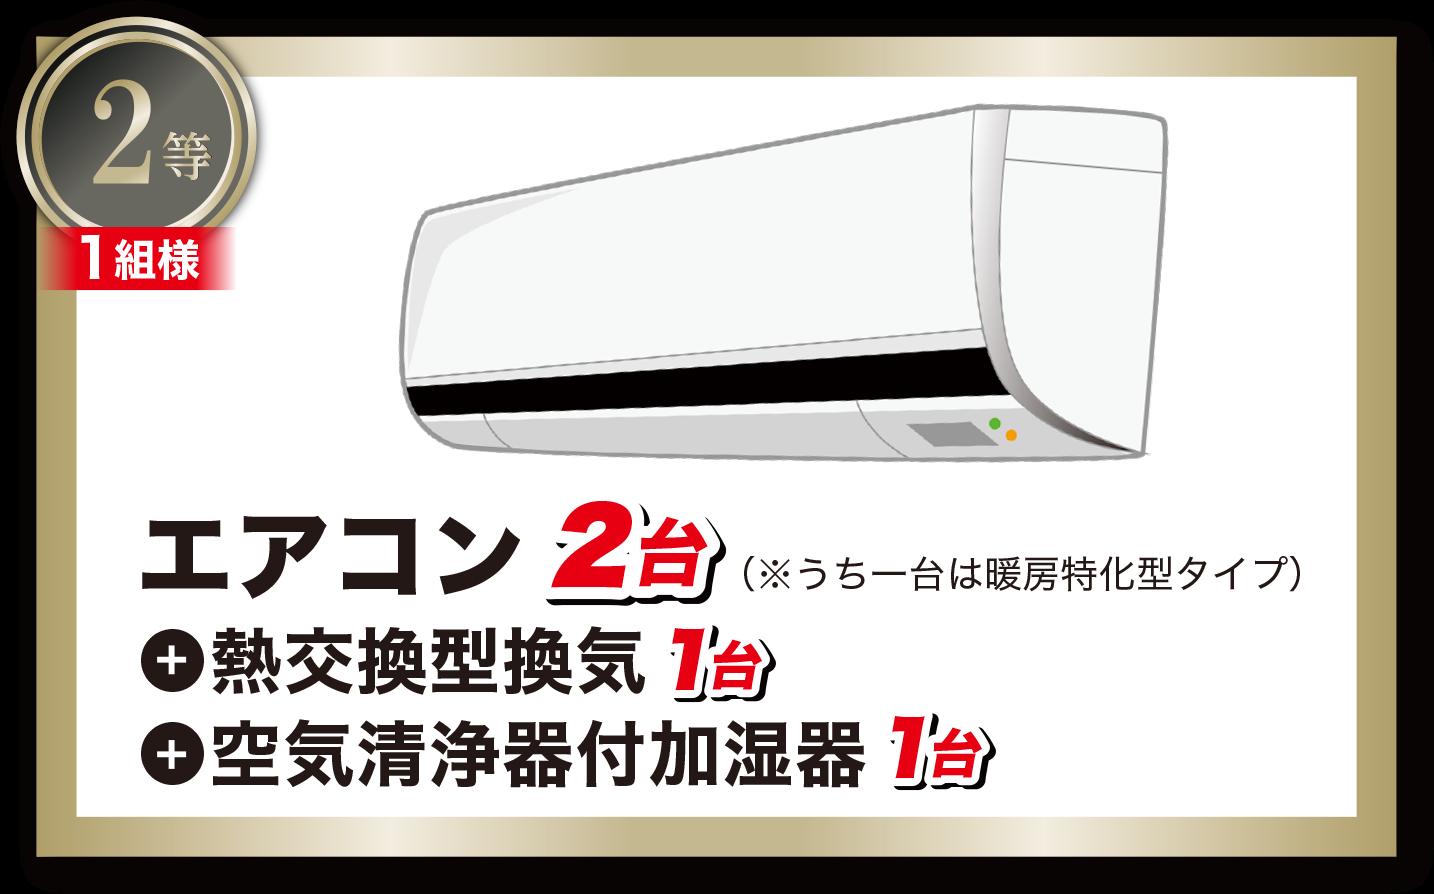 2等:エアコン2台(※うち一台は暖房特化型タイプ)+熱交換型換気1台+空気清浄器付加湿器1台(1組様)